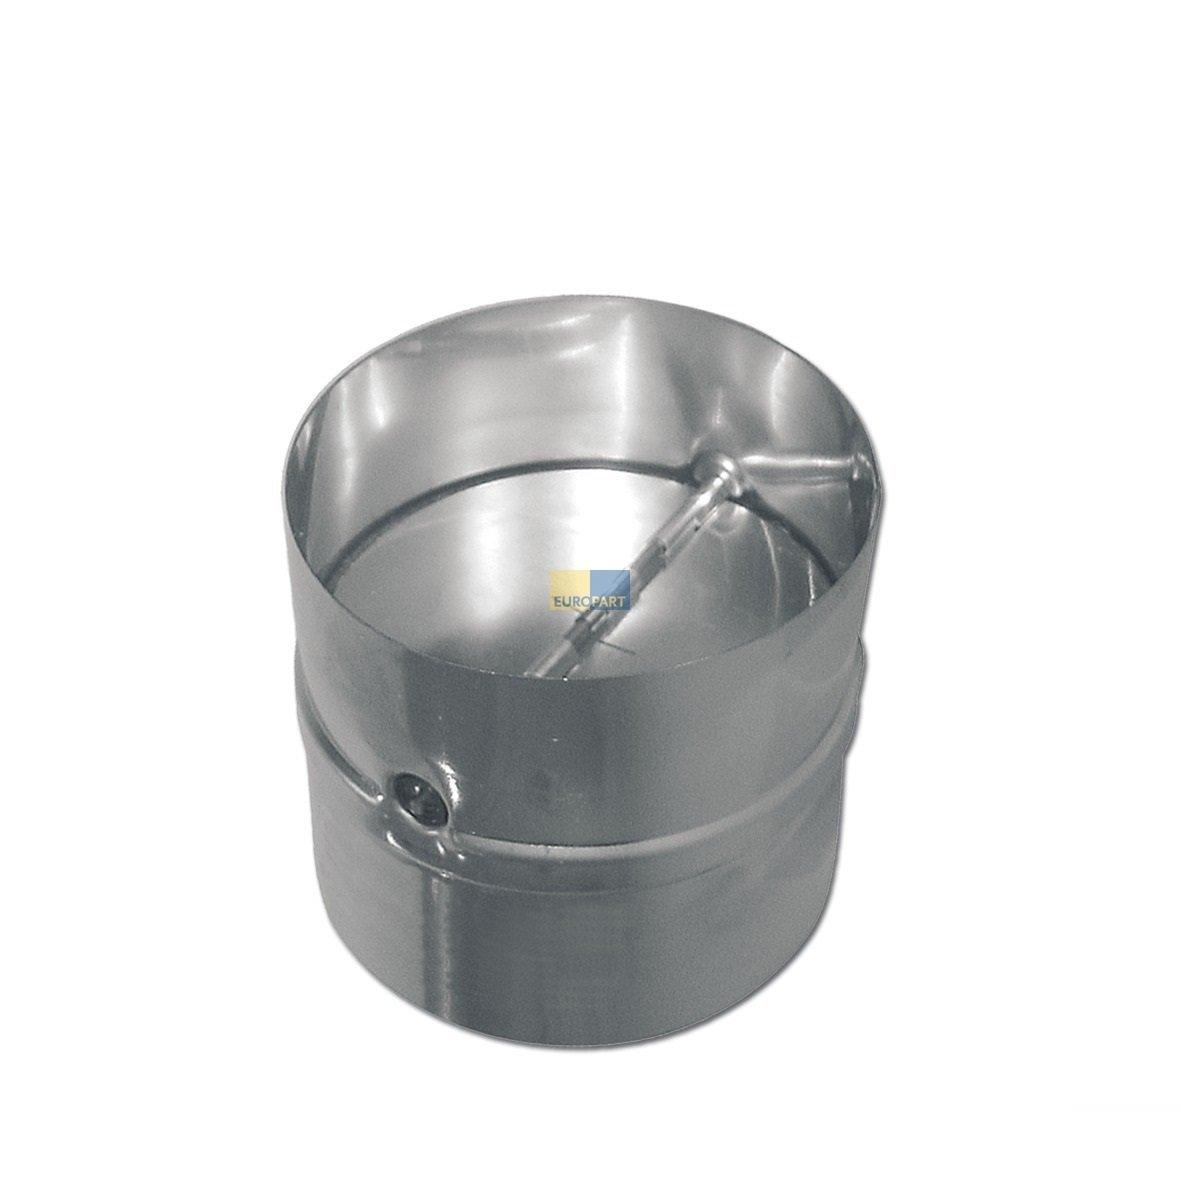 Válvula Antirretorno 150err 90 mm galvanizado redondo Campana redondo Tubo manguito Tapa: Amazon.es: Grandes electrodomésticos